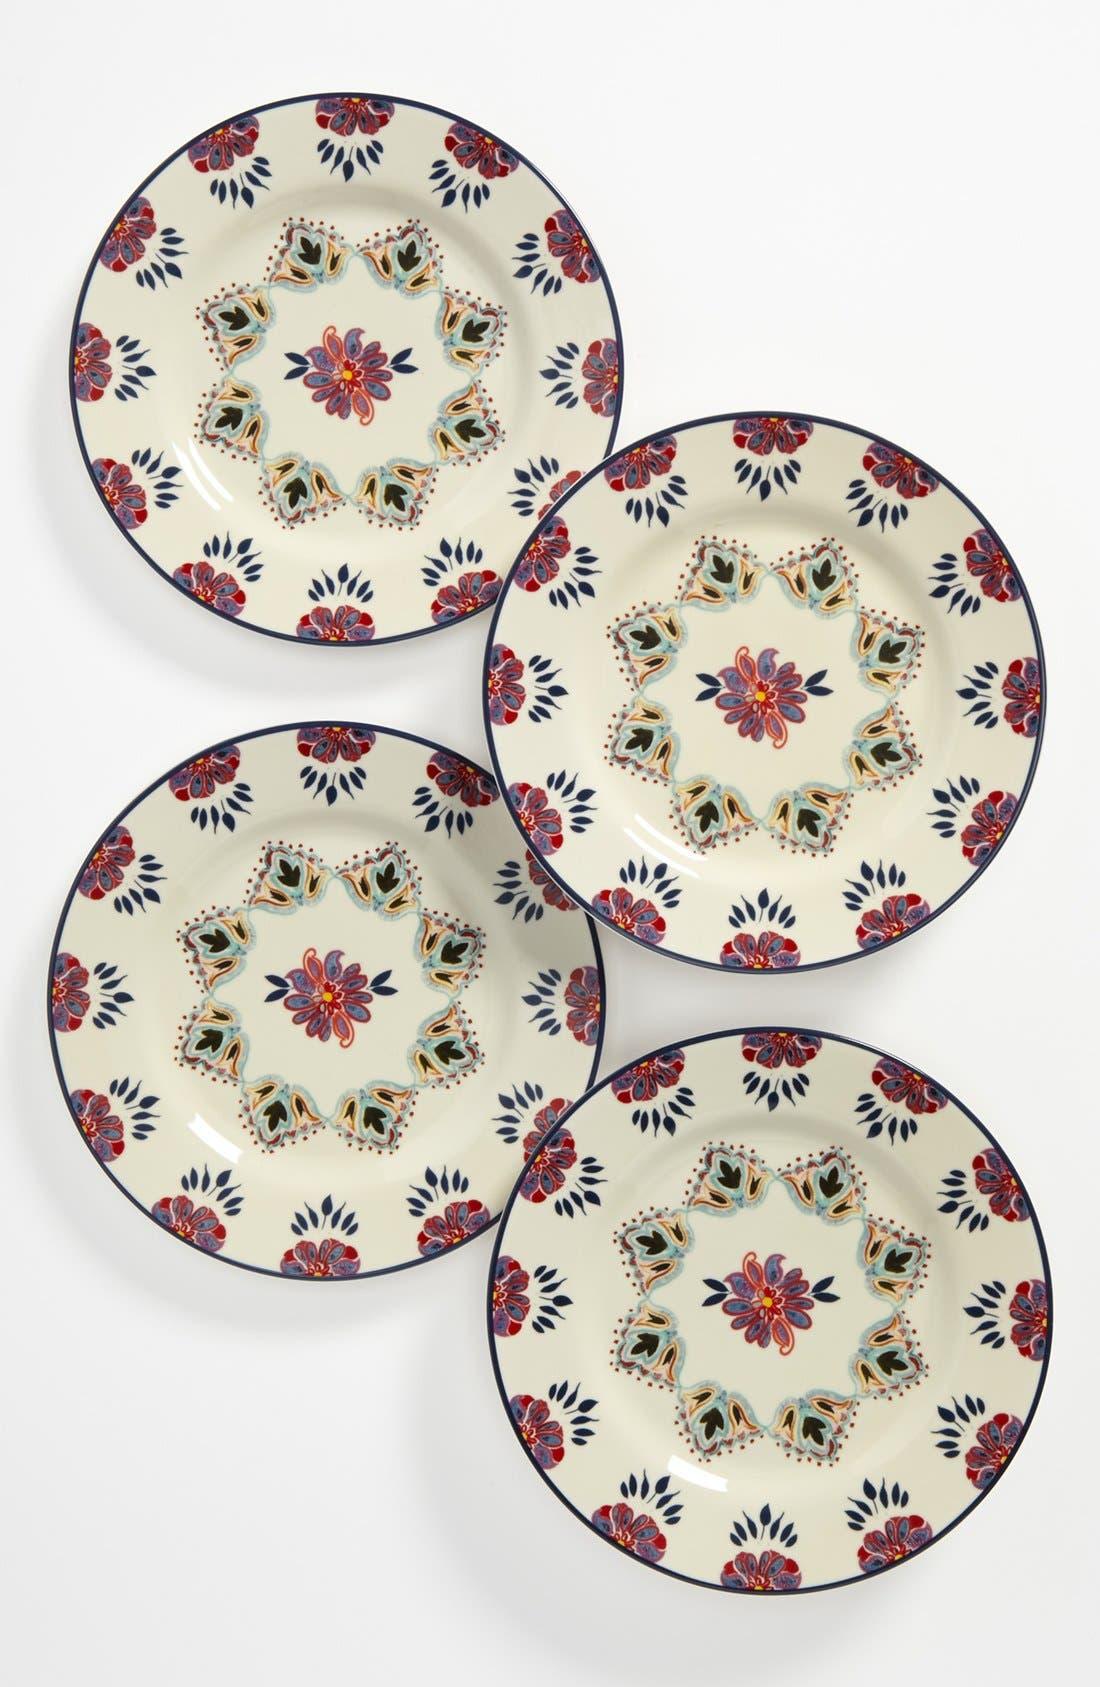 Alternate Image 1 Selected - Porcelain Salad Plates (Set of 4)